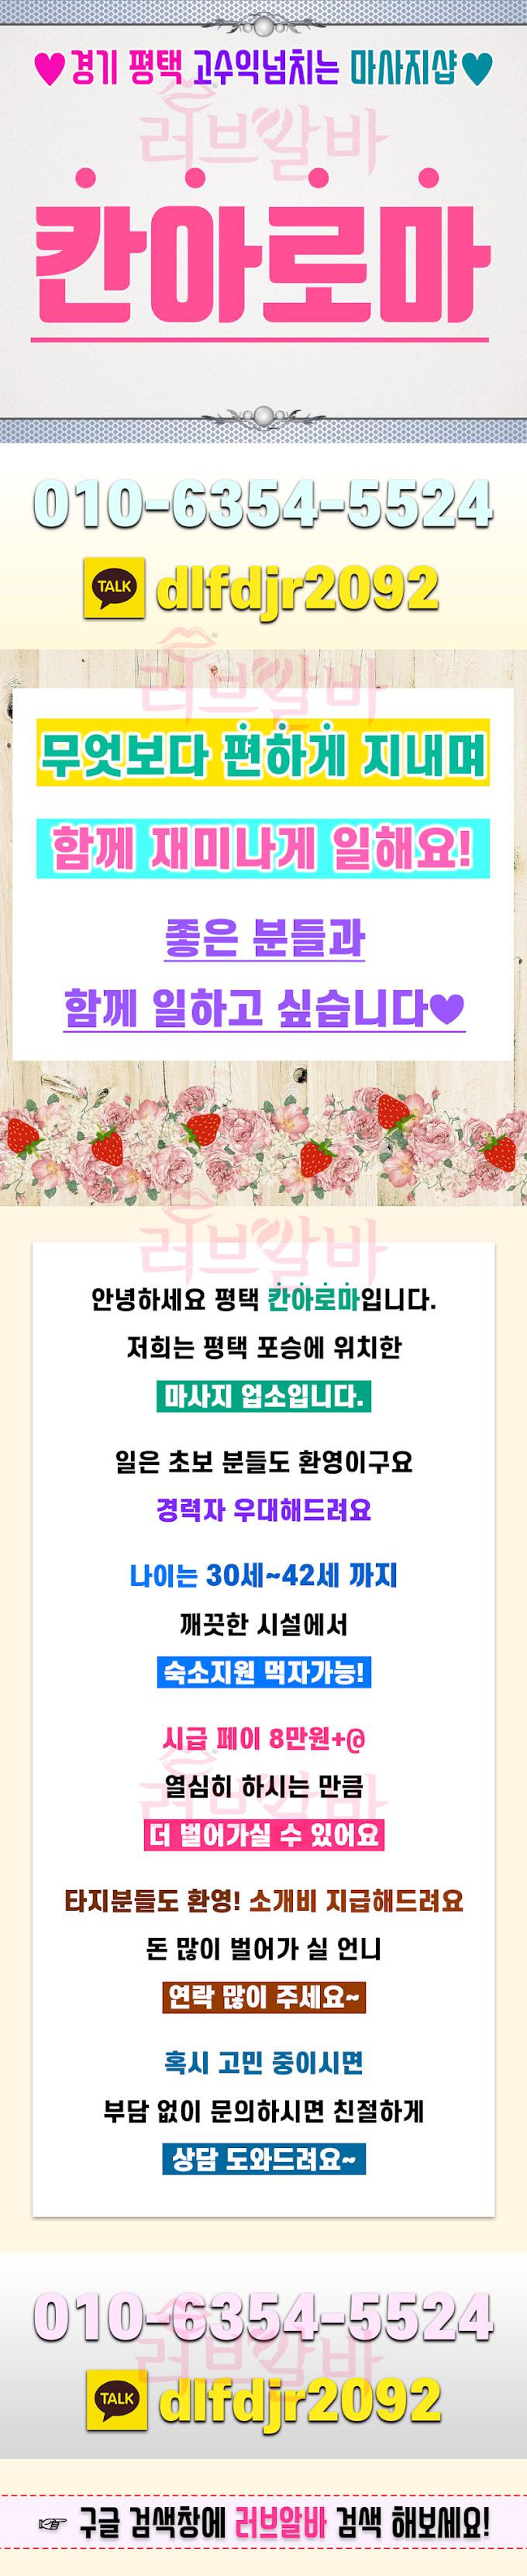 [경기도 평택] 여성 마사지 관리사 모집중 ♥ 시급 8만원+@ ♥ 업계 최고대우 ♥ 먹자가능 ♥